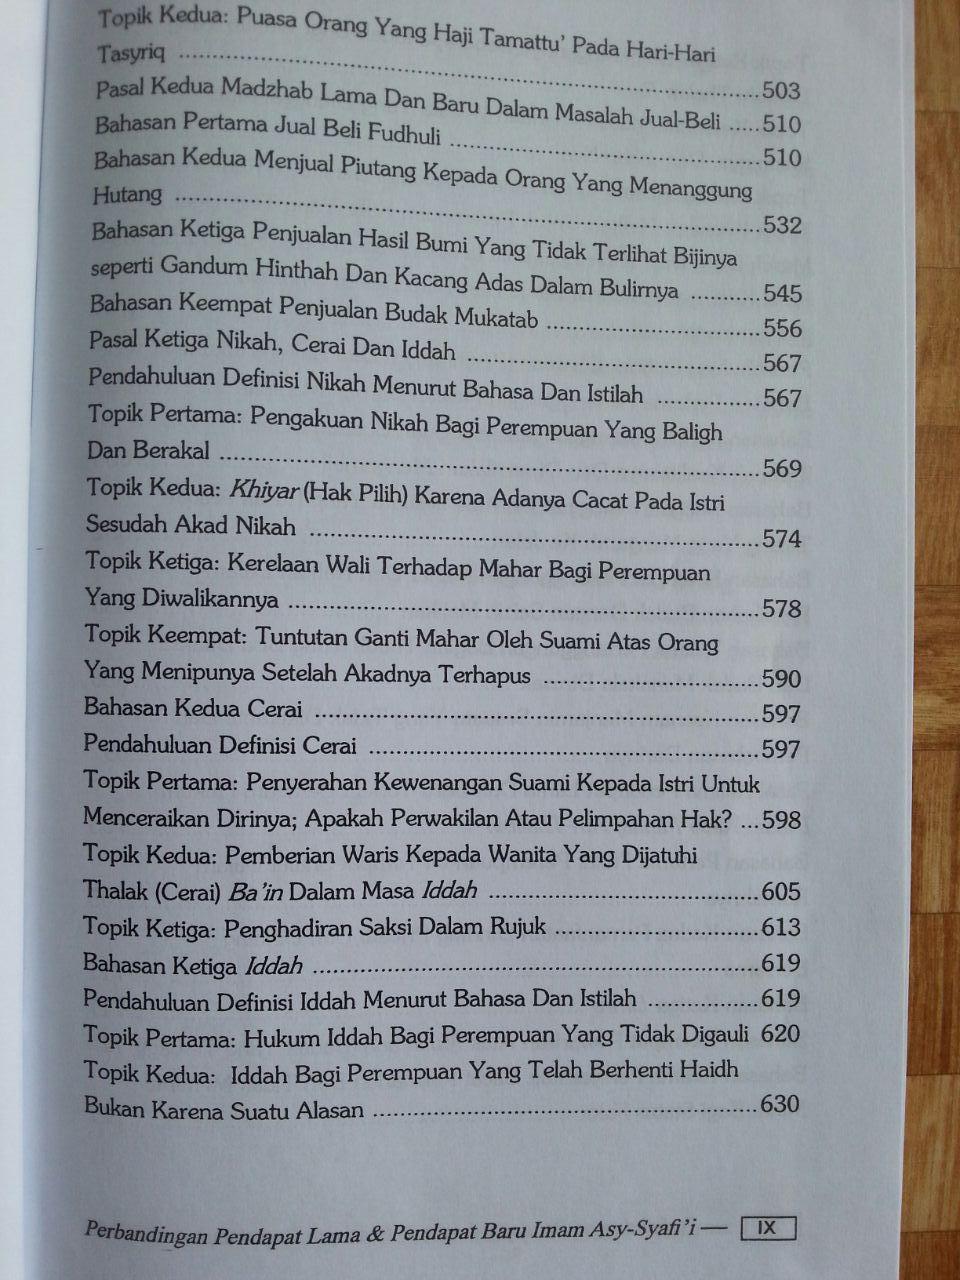 Buku Perbandingan Pendapat Lama Dan Pendapat Baru Imam Asy-Syafi'i isi